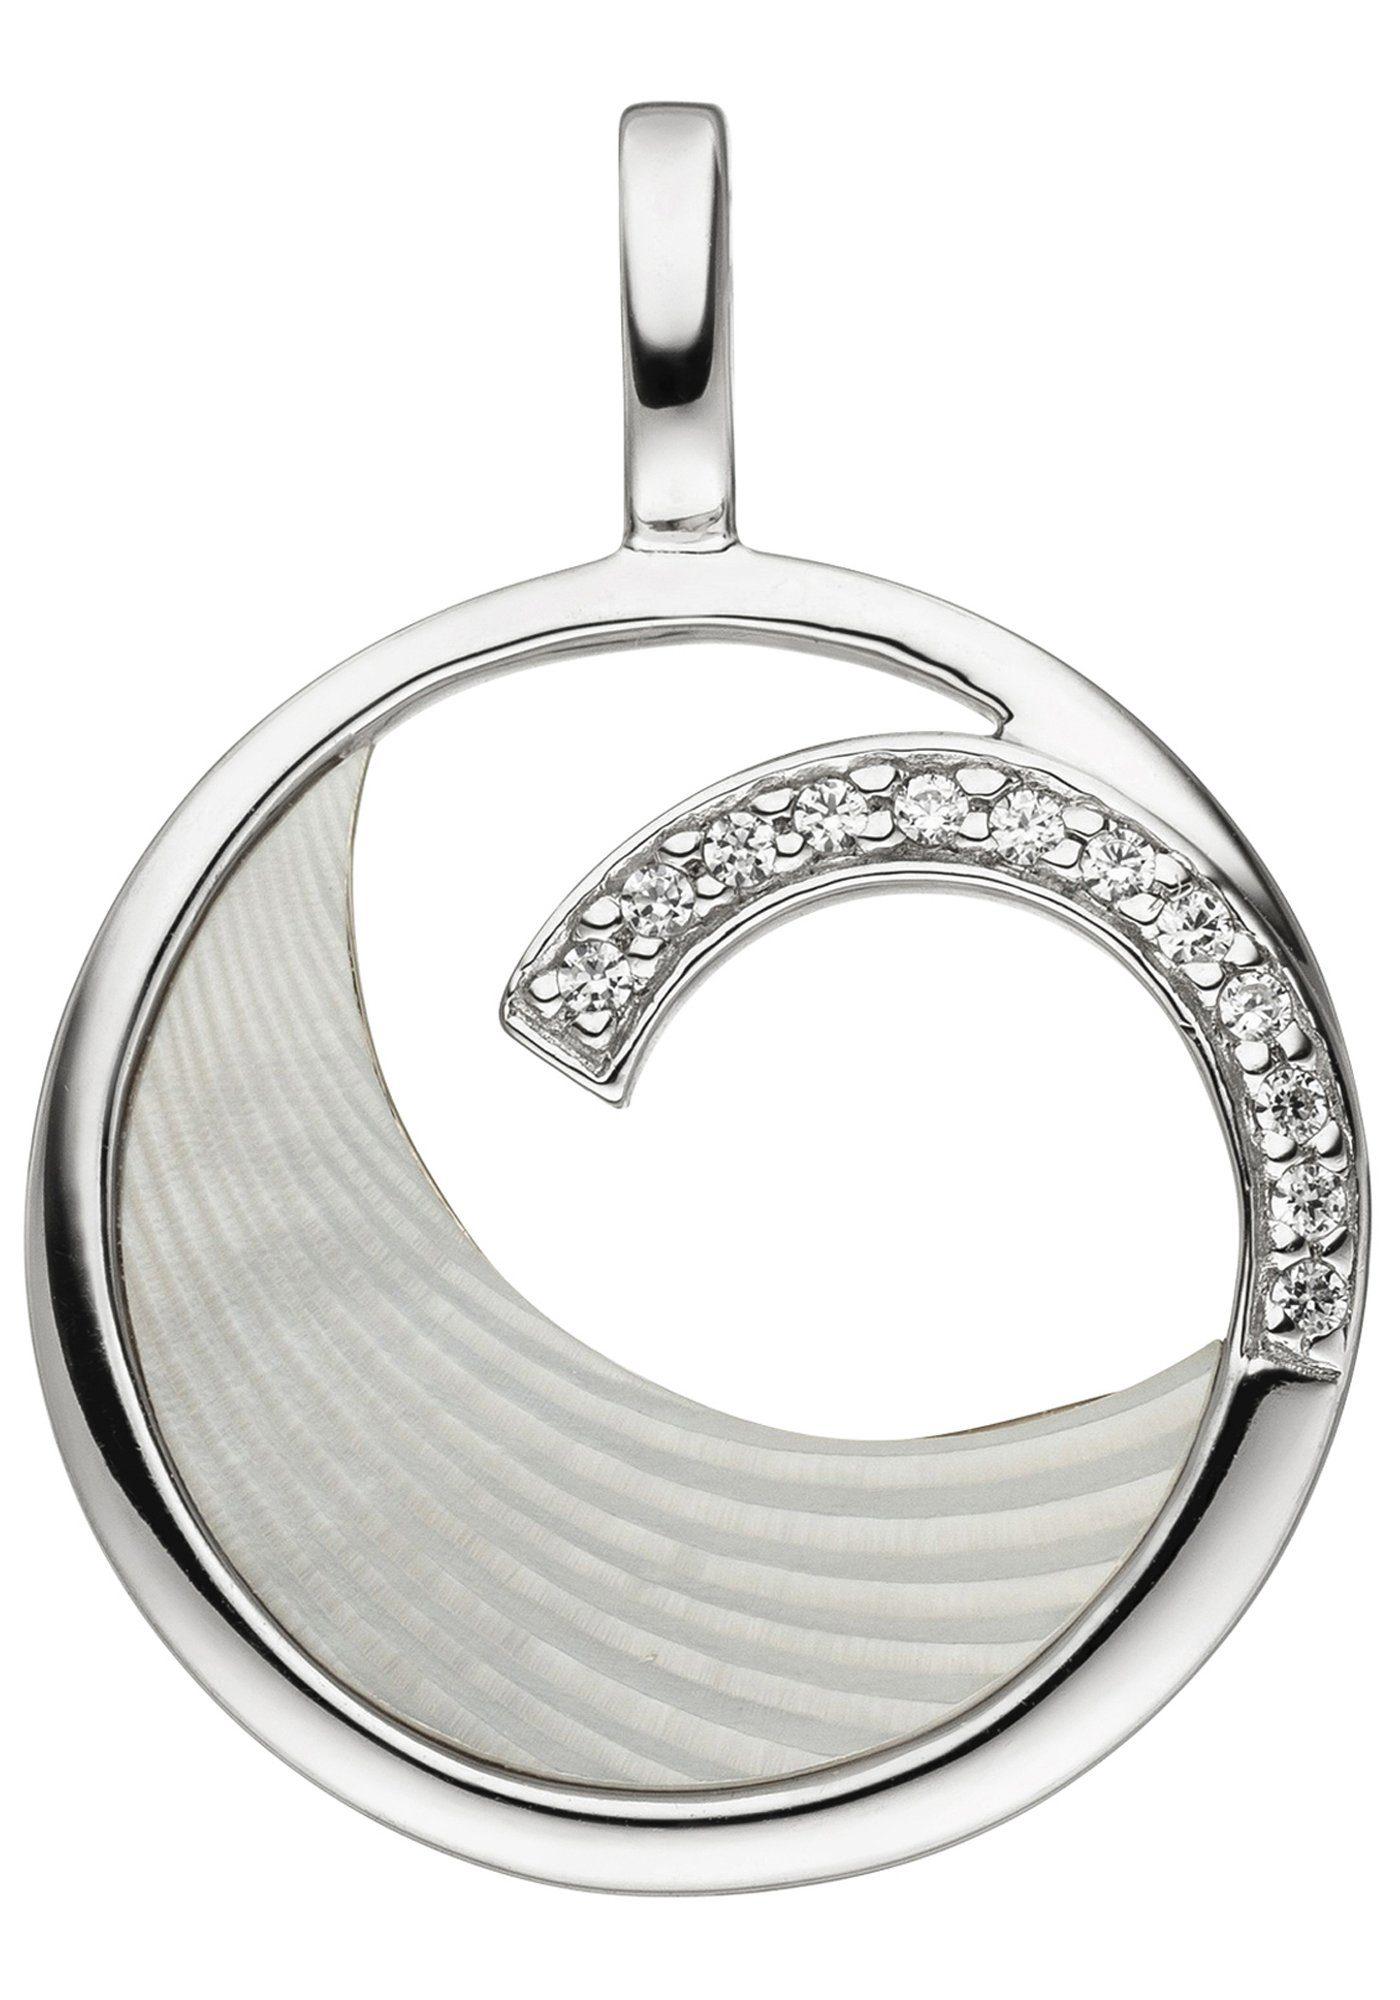 JOBO Kettenanhänger 925 Silber mit Perlmutt Einlage und 12 Zirkonia